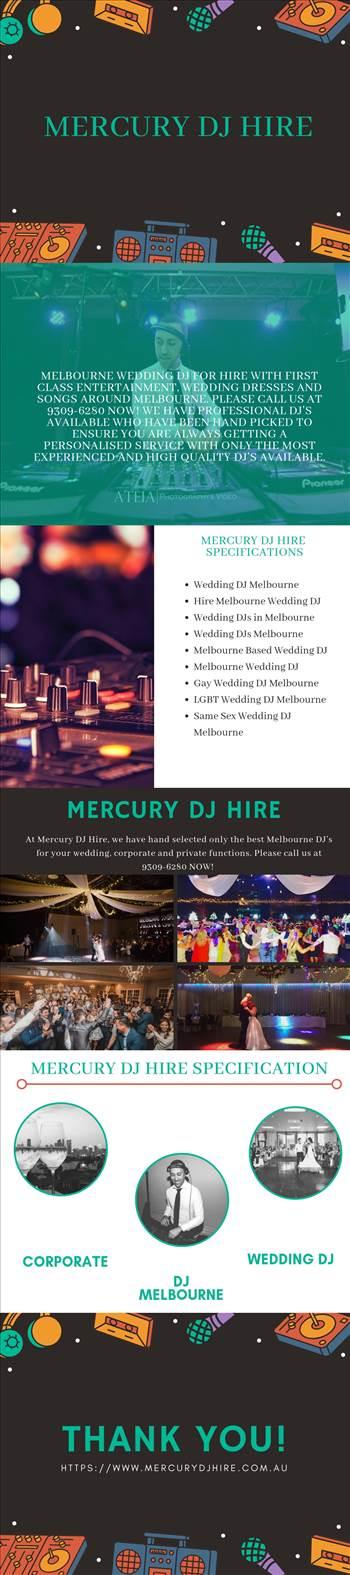 Wedding DJs.jpg by Mercurydjhire